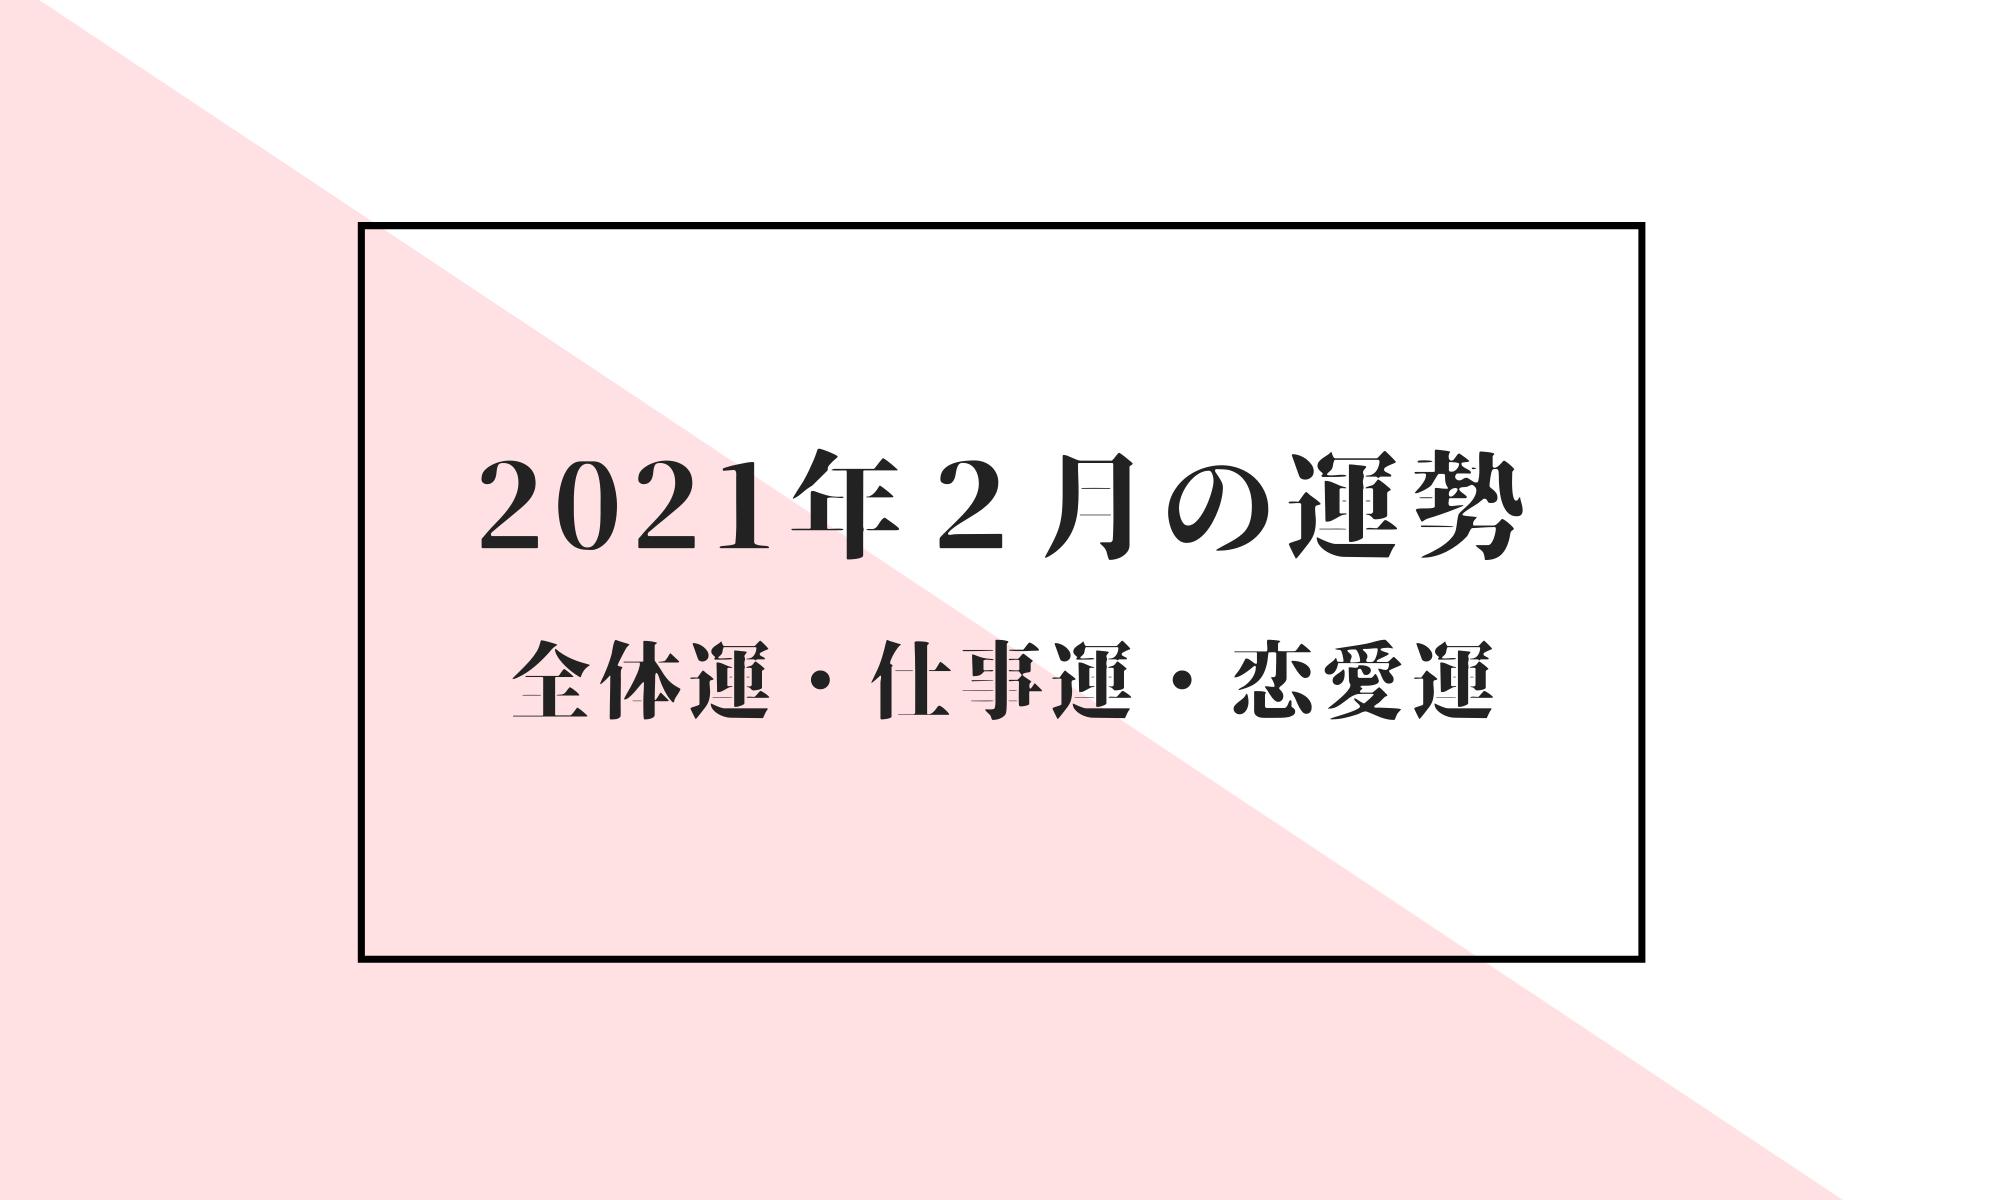 2021 運勢 の カメレオン 金